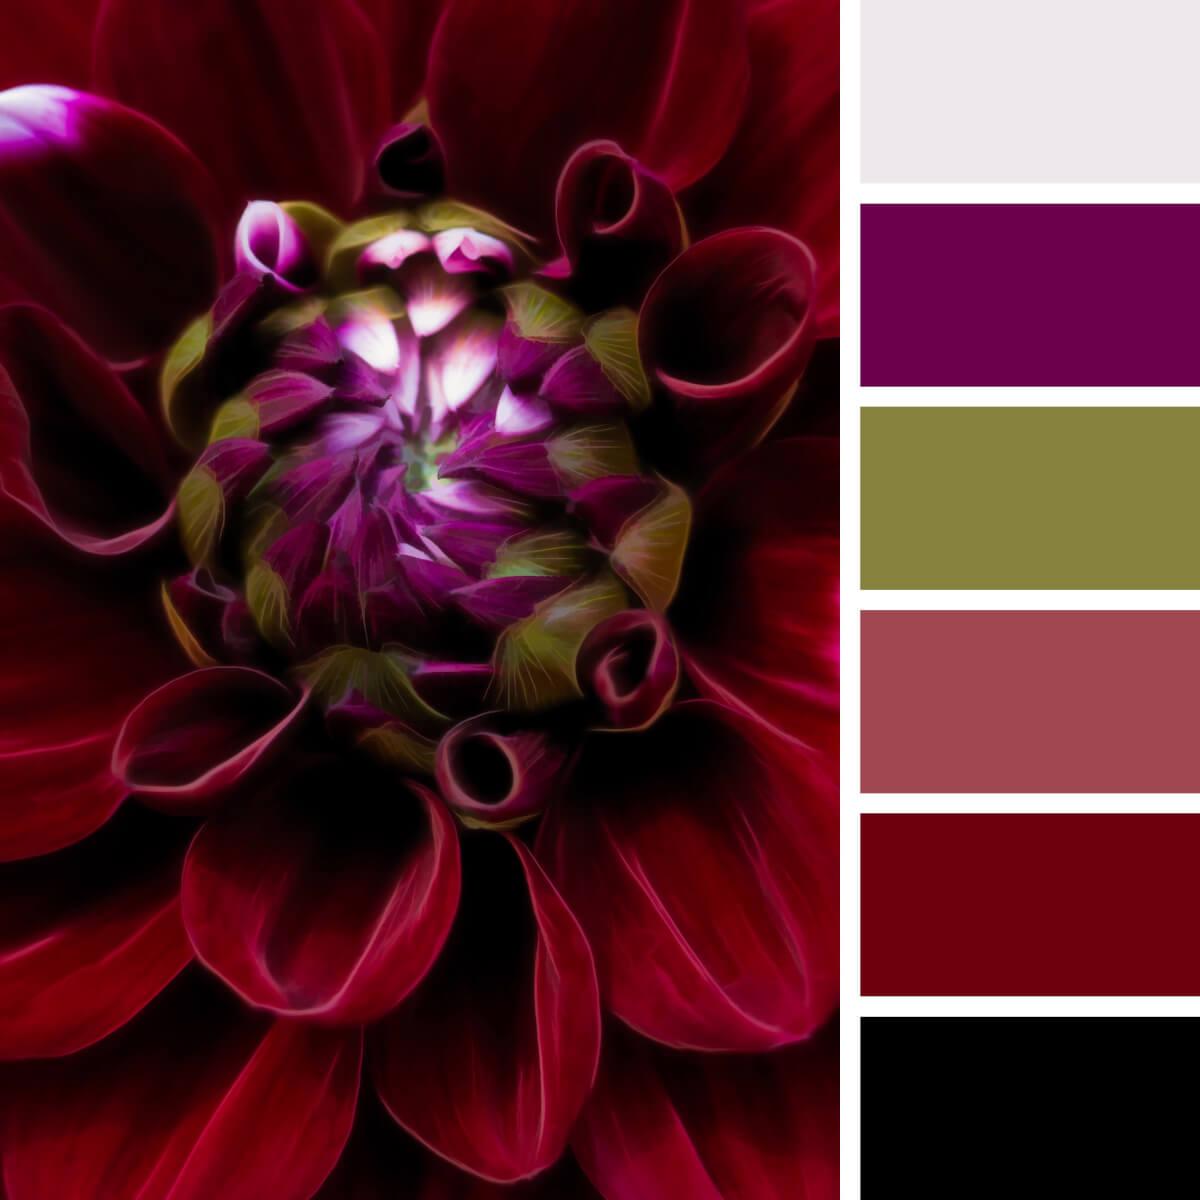 Velvet Red & Burgundy